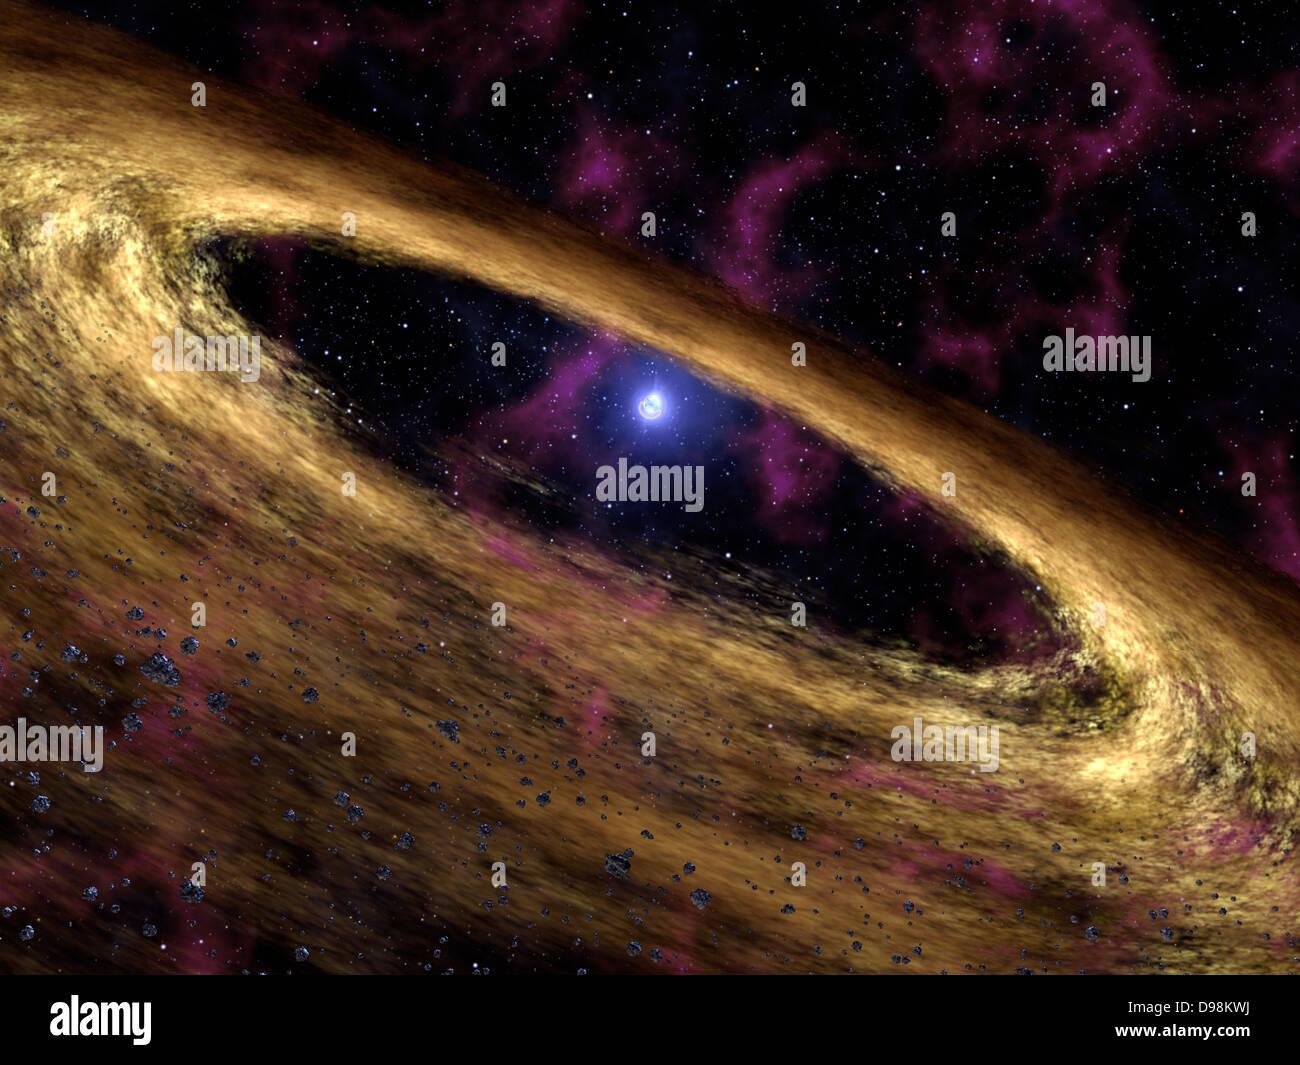 Este concepto del artista representa un tipo de estrella llamada muerto púlsar y los alrededores del disco Imagen De Stock